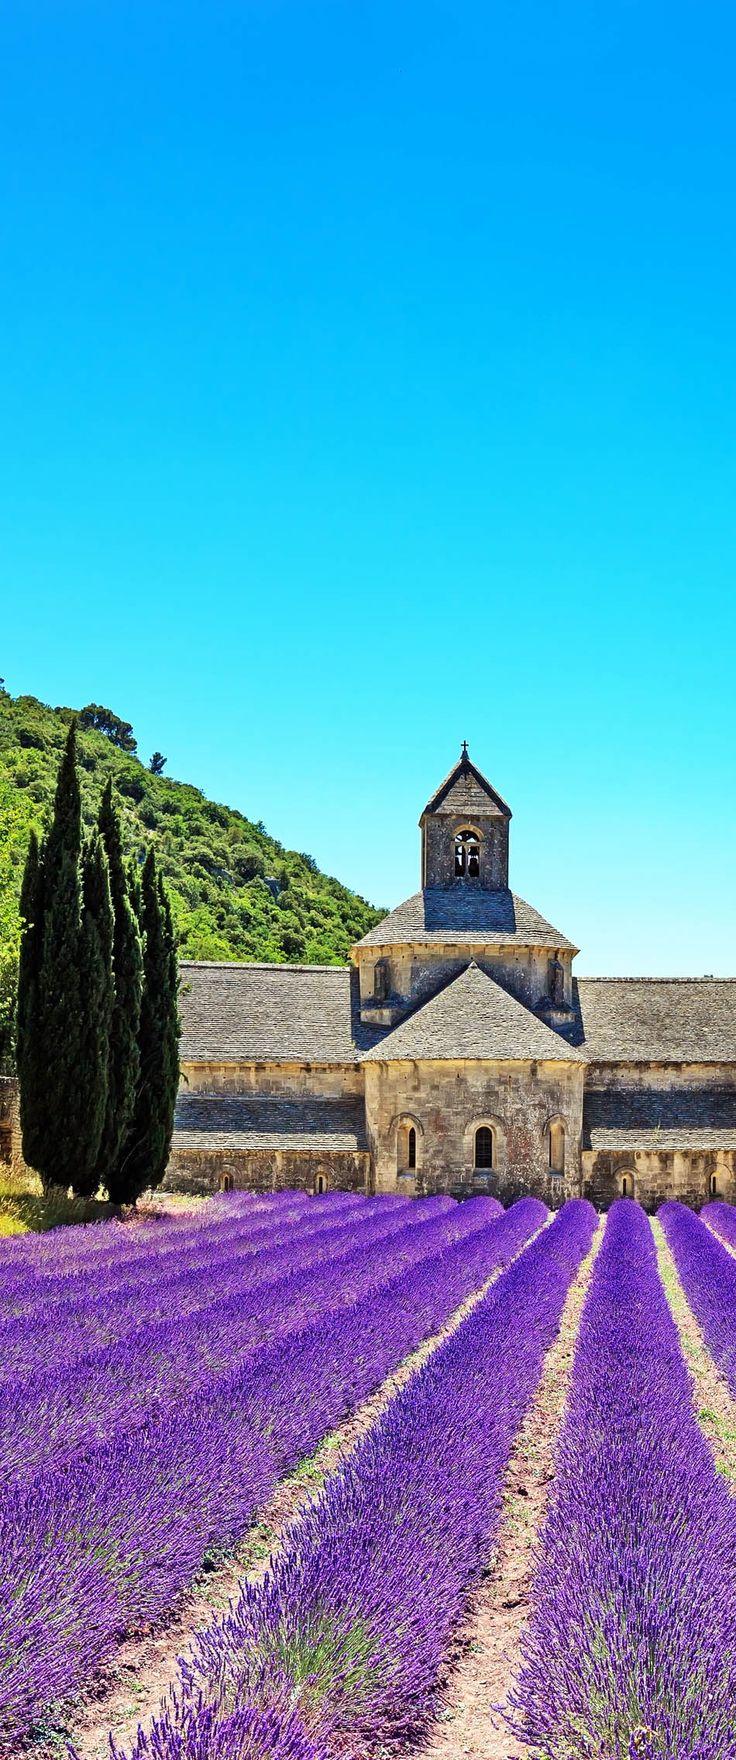 L'Abbaye de Sénanque est une des beautés à découvrir dans la région de Gordes, dans le Vaucluse, Luberon, France. Venez en profiter à l'occasion d'un séjour au Petit Palais d'Aglaé, @palaisaglae petitpalaisdaglae-gordes.com